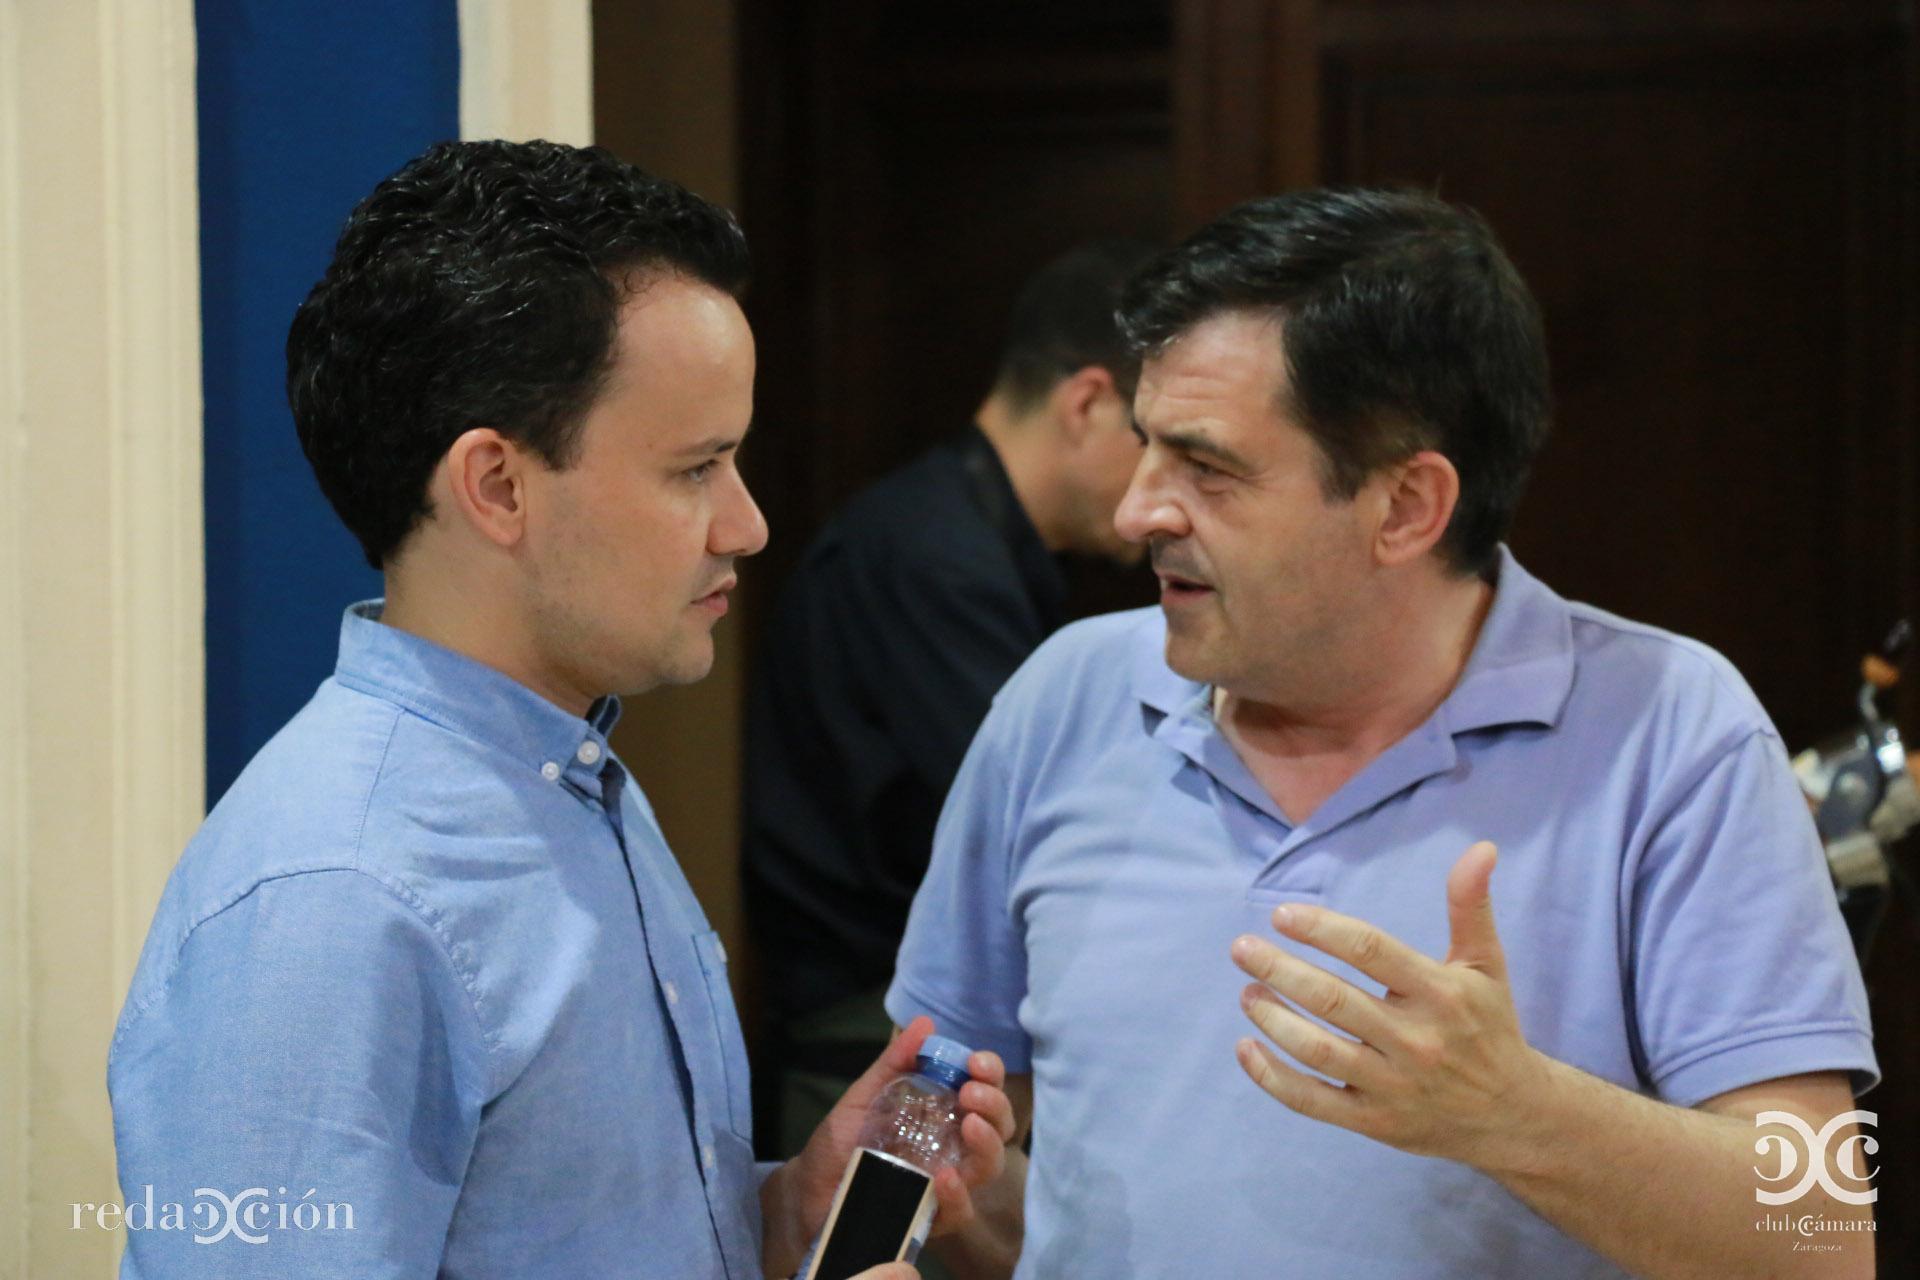 Nacho Peláez y Narciso Samaniego.